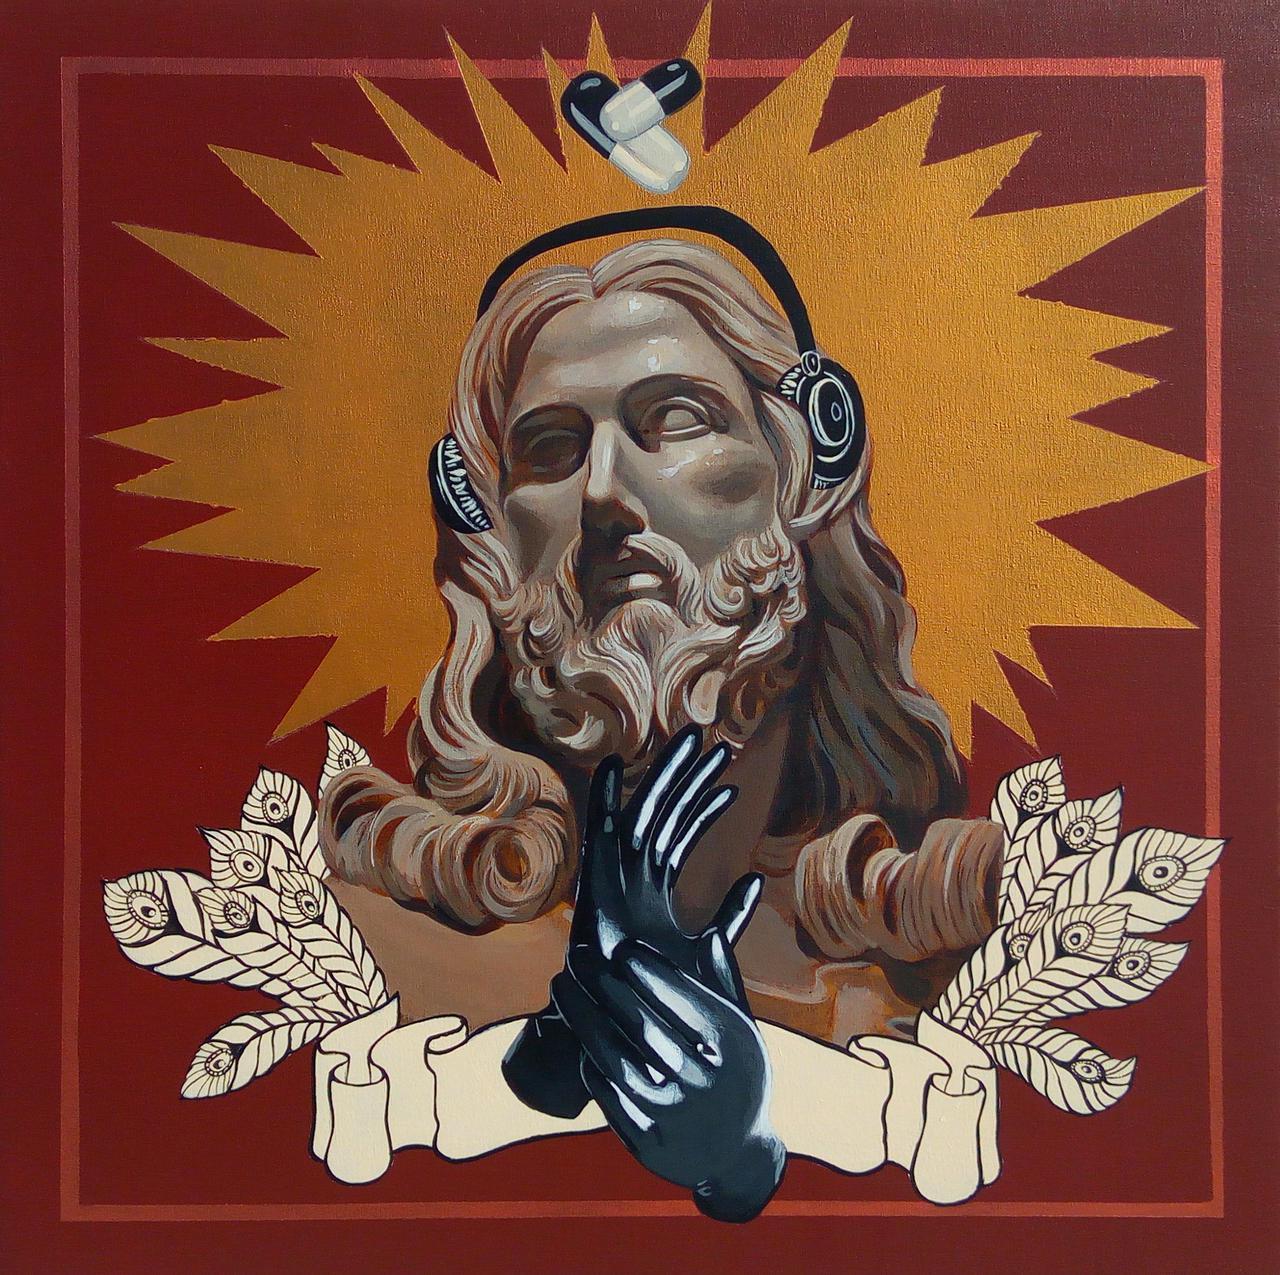 Holy Molly, acrylic on canvas, 60 x 60 cm